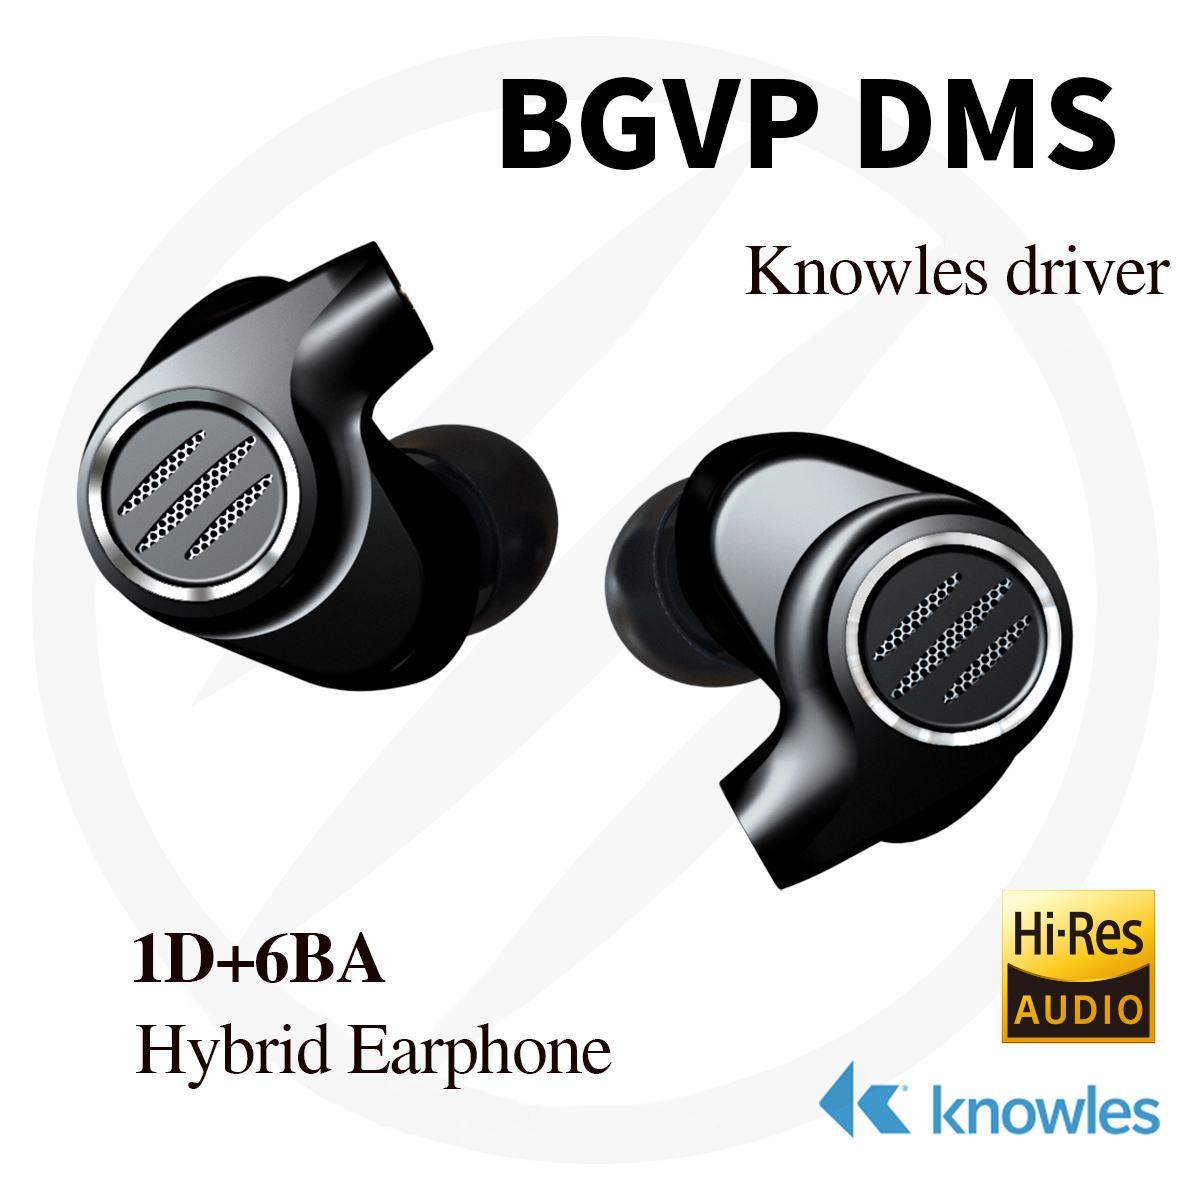 BGVP DMS 1 dynamique + 6 Armature équilibrée hybride écouteur dans l'oreille HiFi écouteur Sport moniteur de course écouteur avec câble OCC